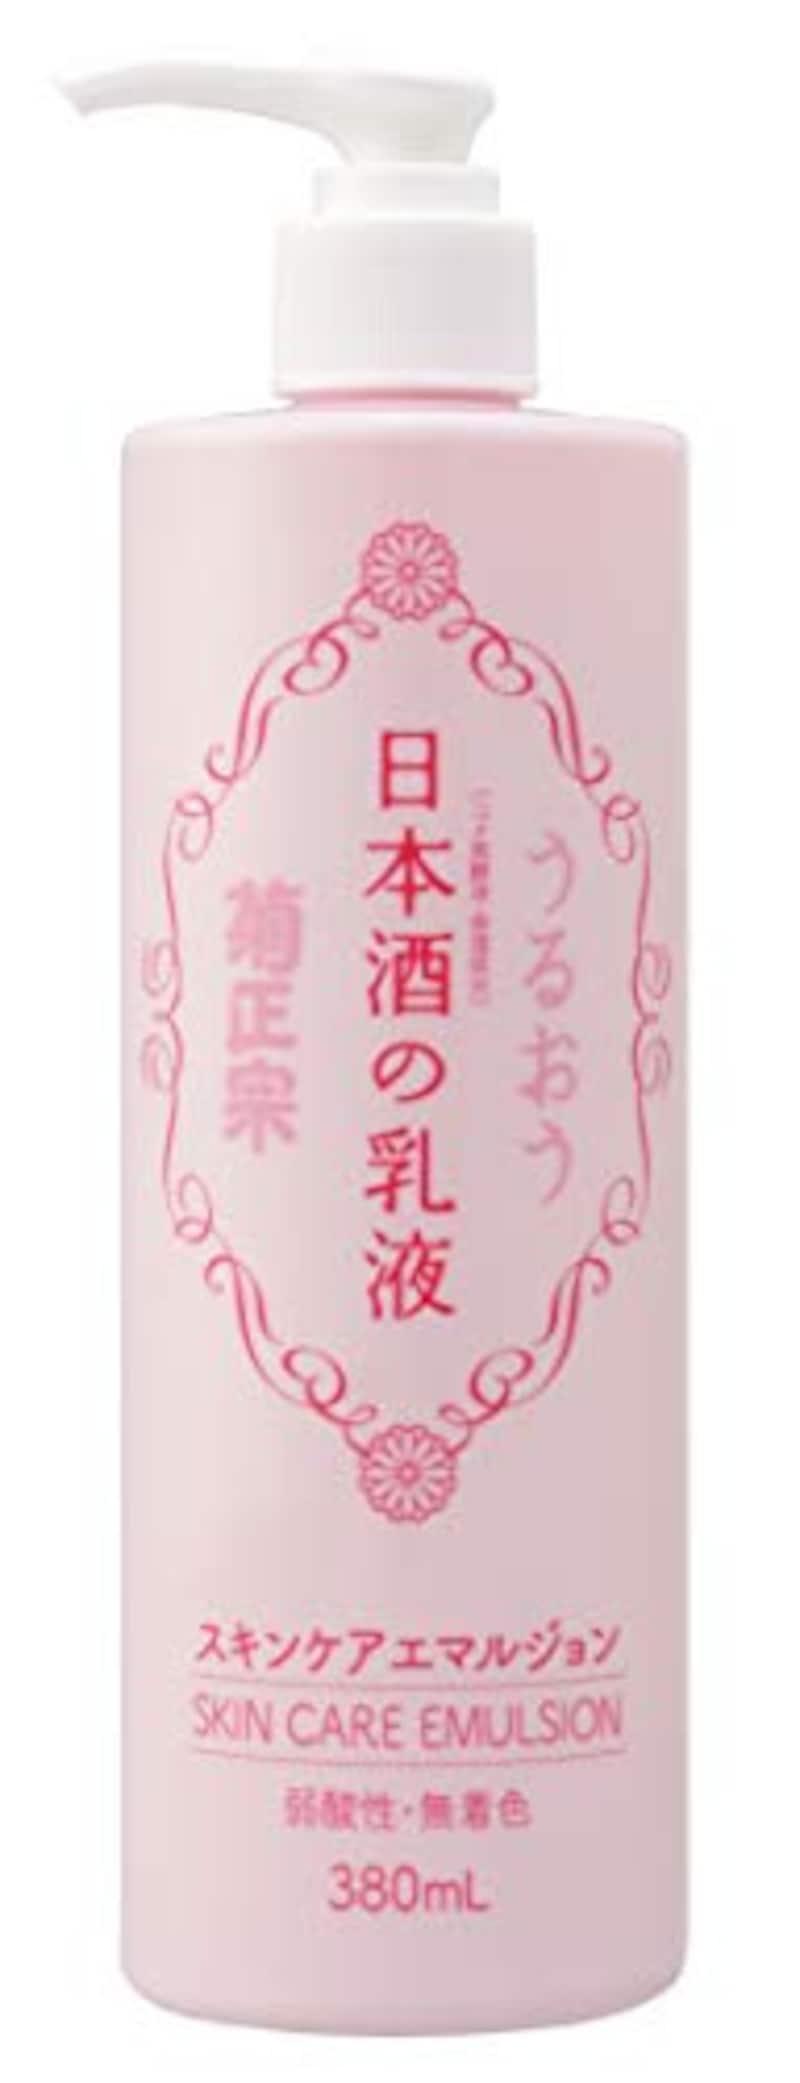 菊正宗,日本酒の乳液